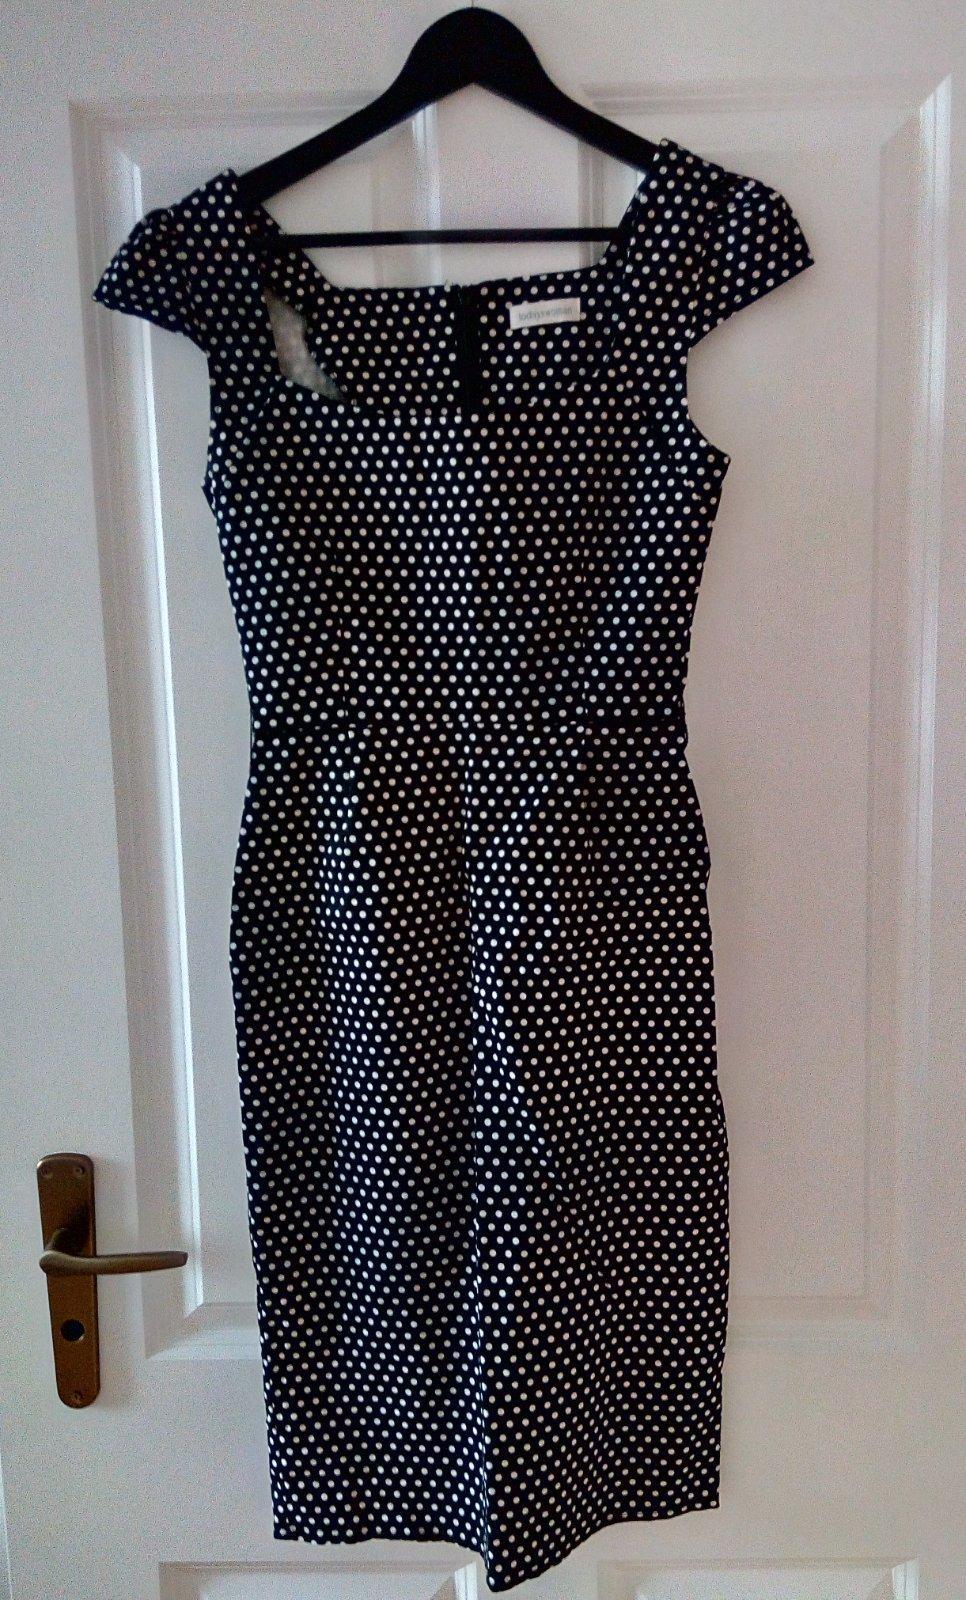 Čierne bodkované šaty XS - Obrázok č. 2